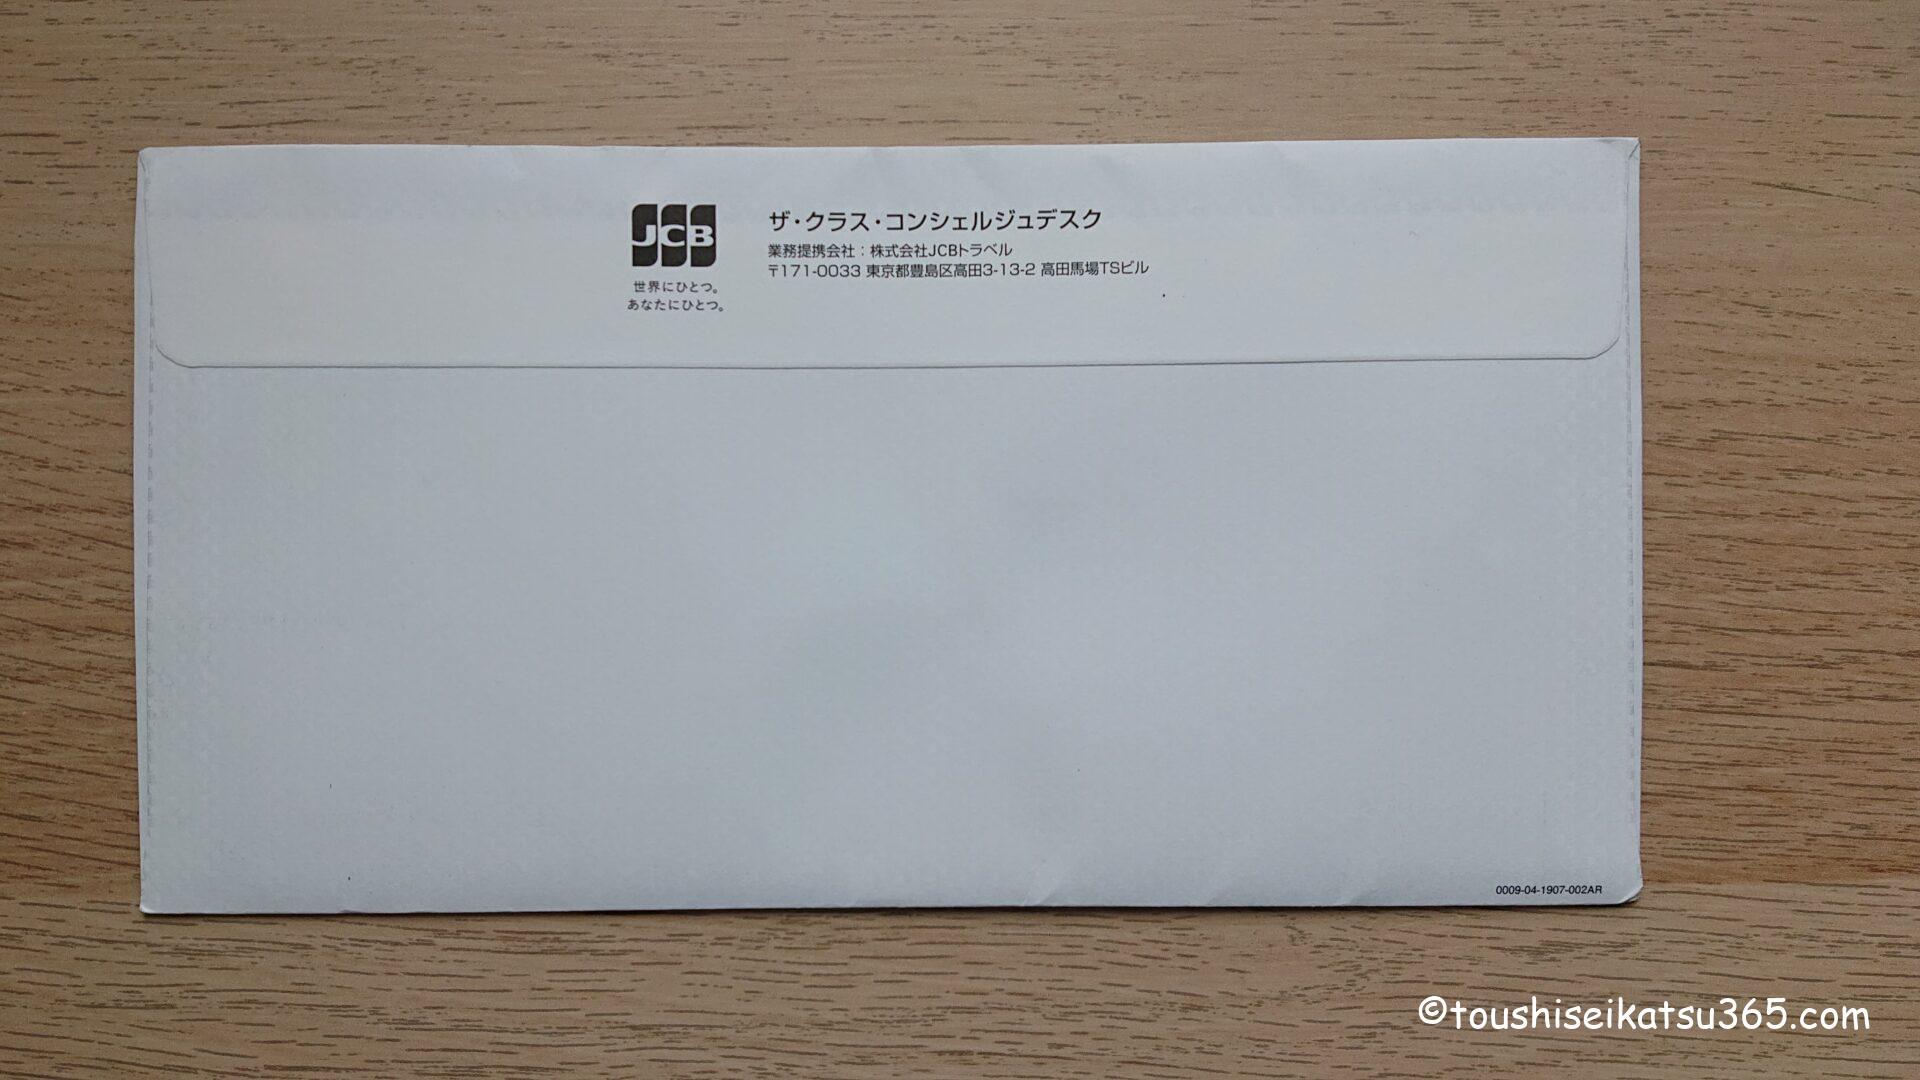 ザ・クラス・コンシェルジュデスク|封筒(裏)